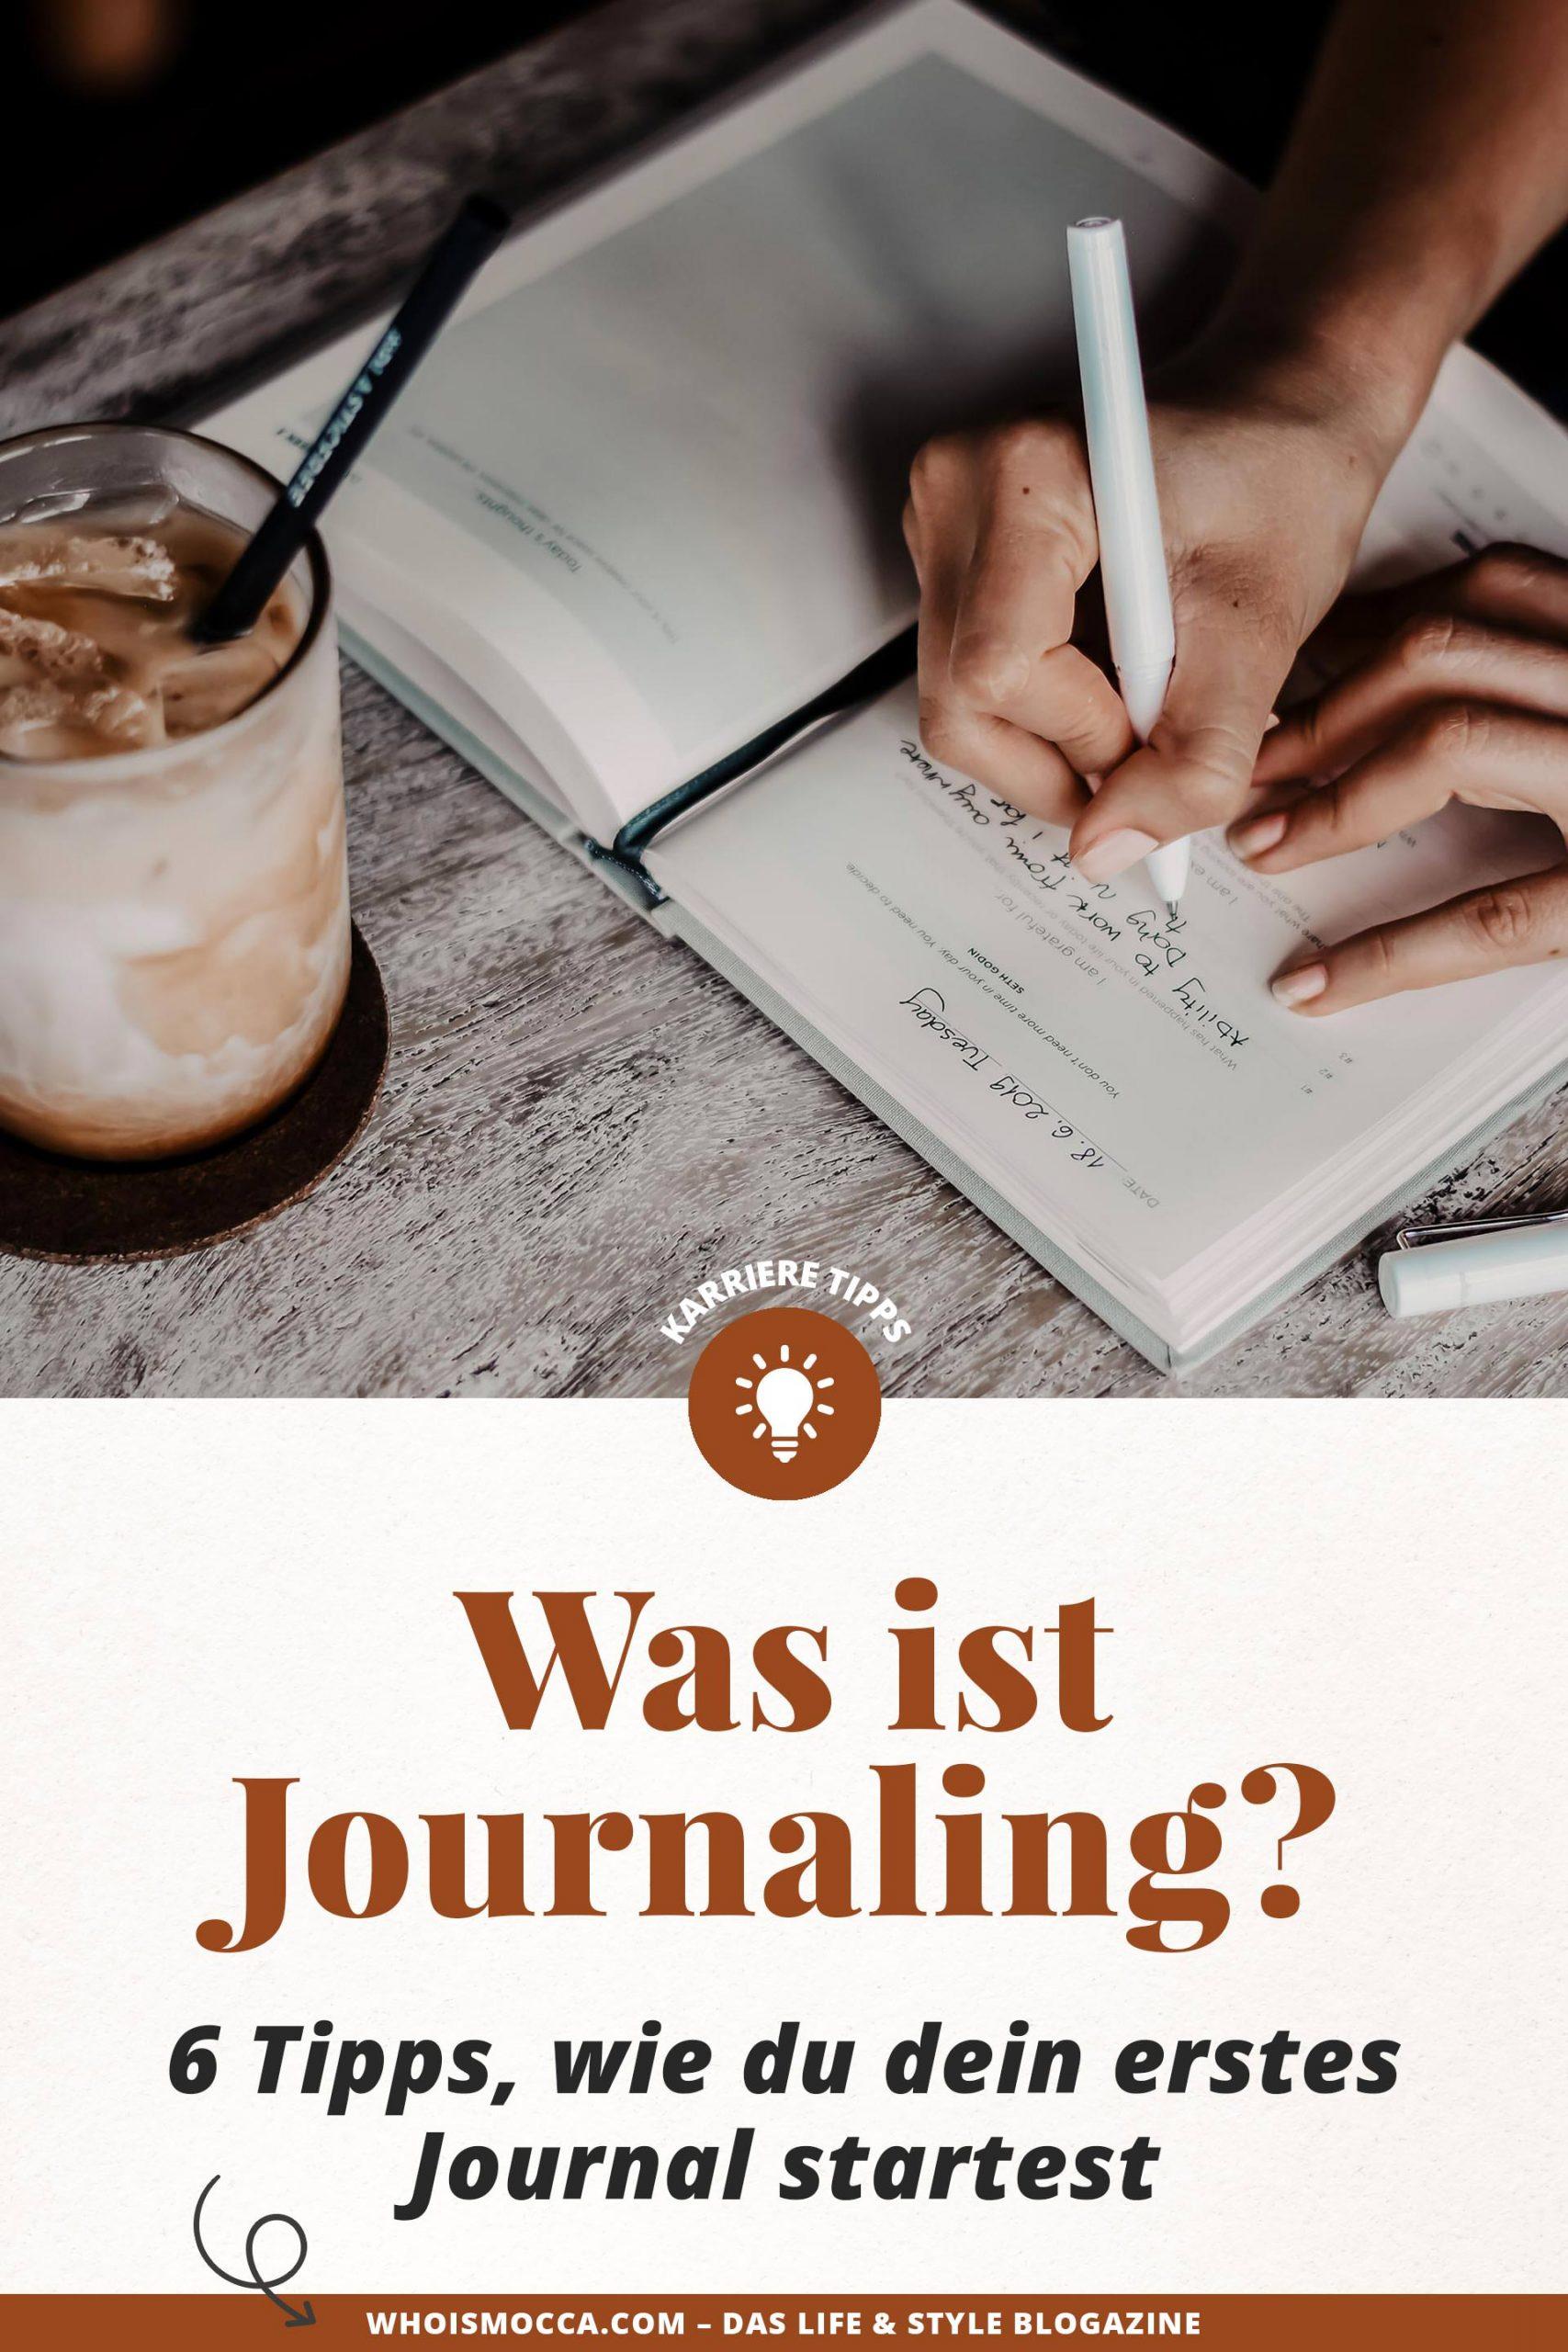 Journaling nennt sich die neue Art und Weise, wie man auch als Erwachsener seine Gedanken täglich und effizient zu Papier bringen kann. Es geht dabei vor allem um Selbstreflexion und darum, wie man von sich selbst lernen und wachsen kann. Heute erkläre ich dir, was es mit Journaling auf sich hat, warum uns tägliches Schreiben so gut tut und wie du am besten damit anfangen kannst.www.whoismocca.com #Journaling #BulletJournal #Dankbarkeitstagebuch